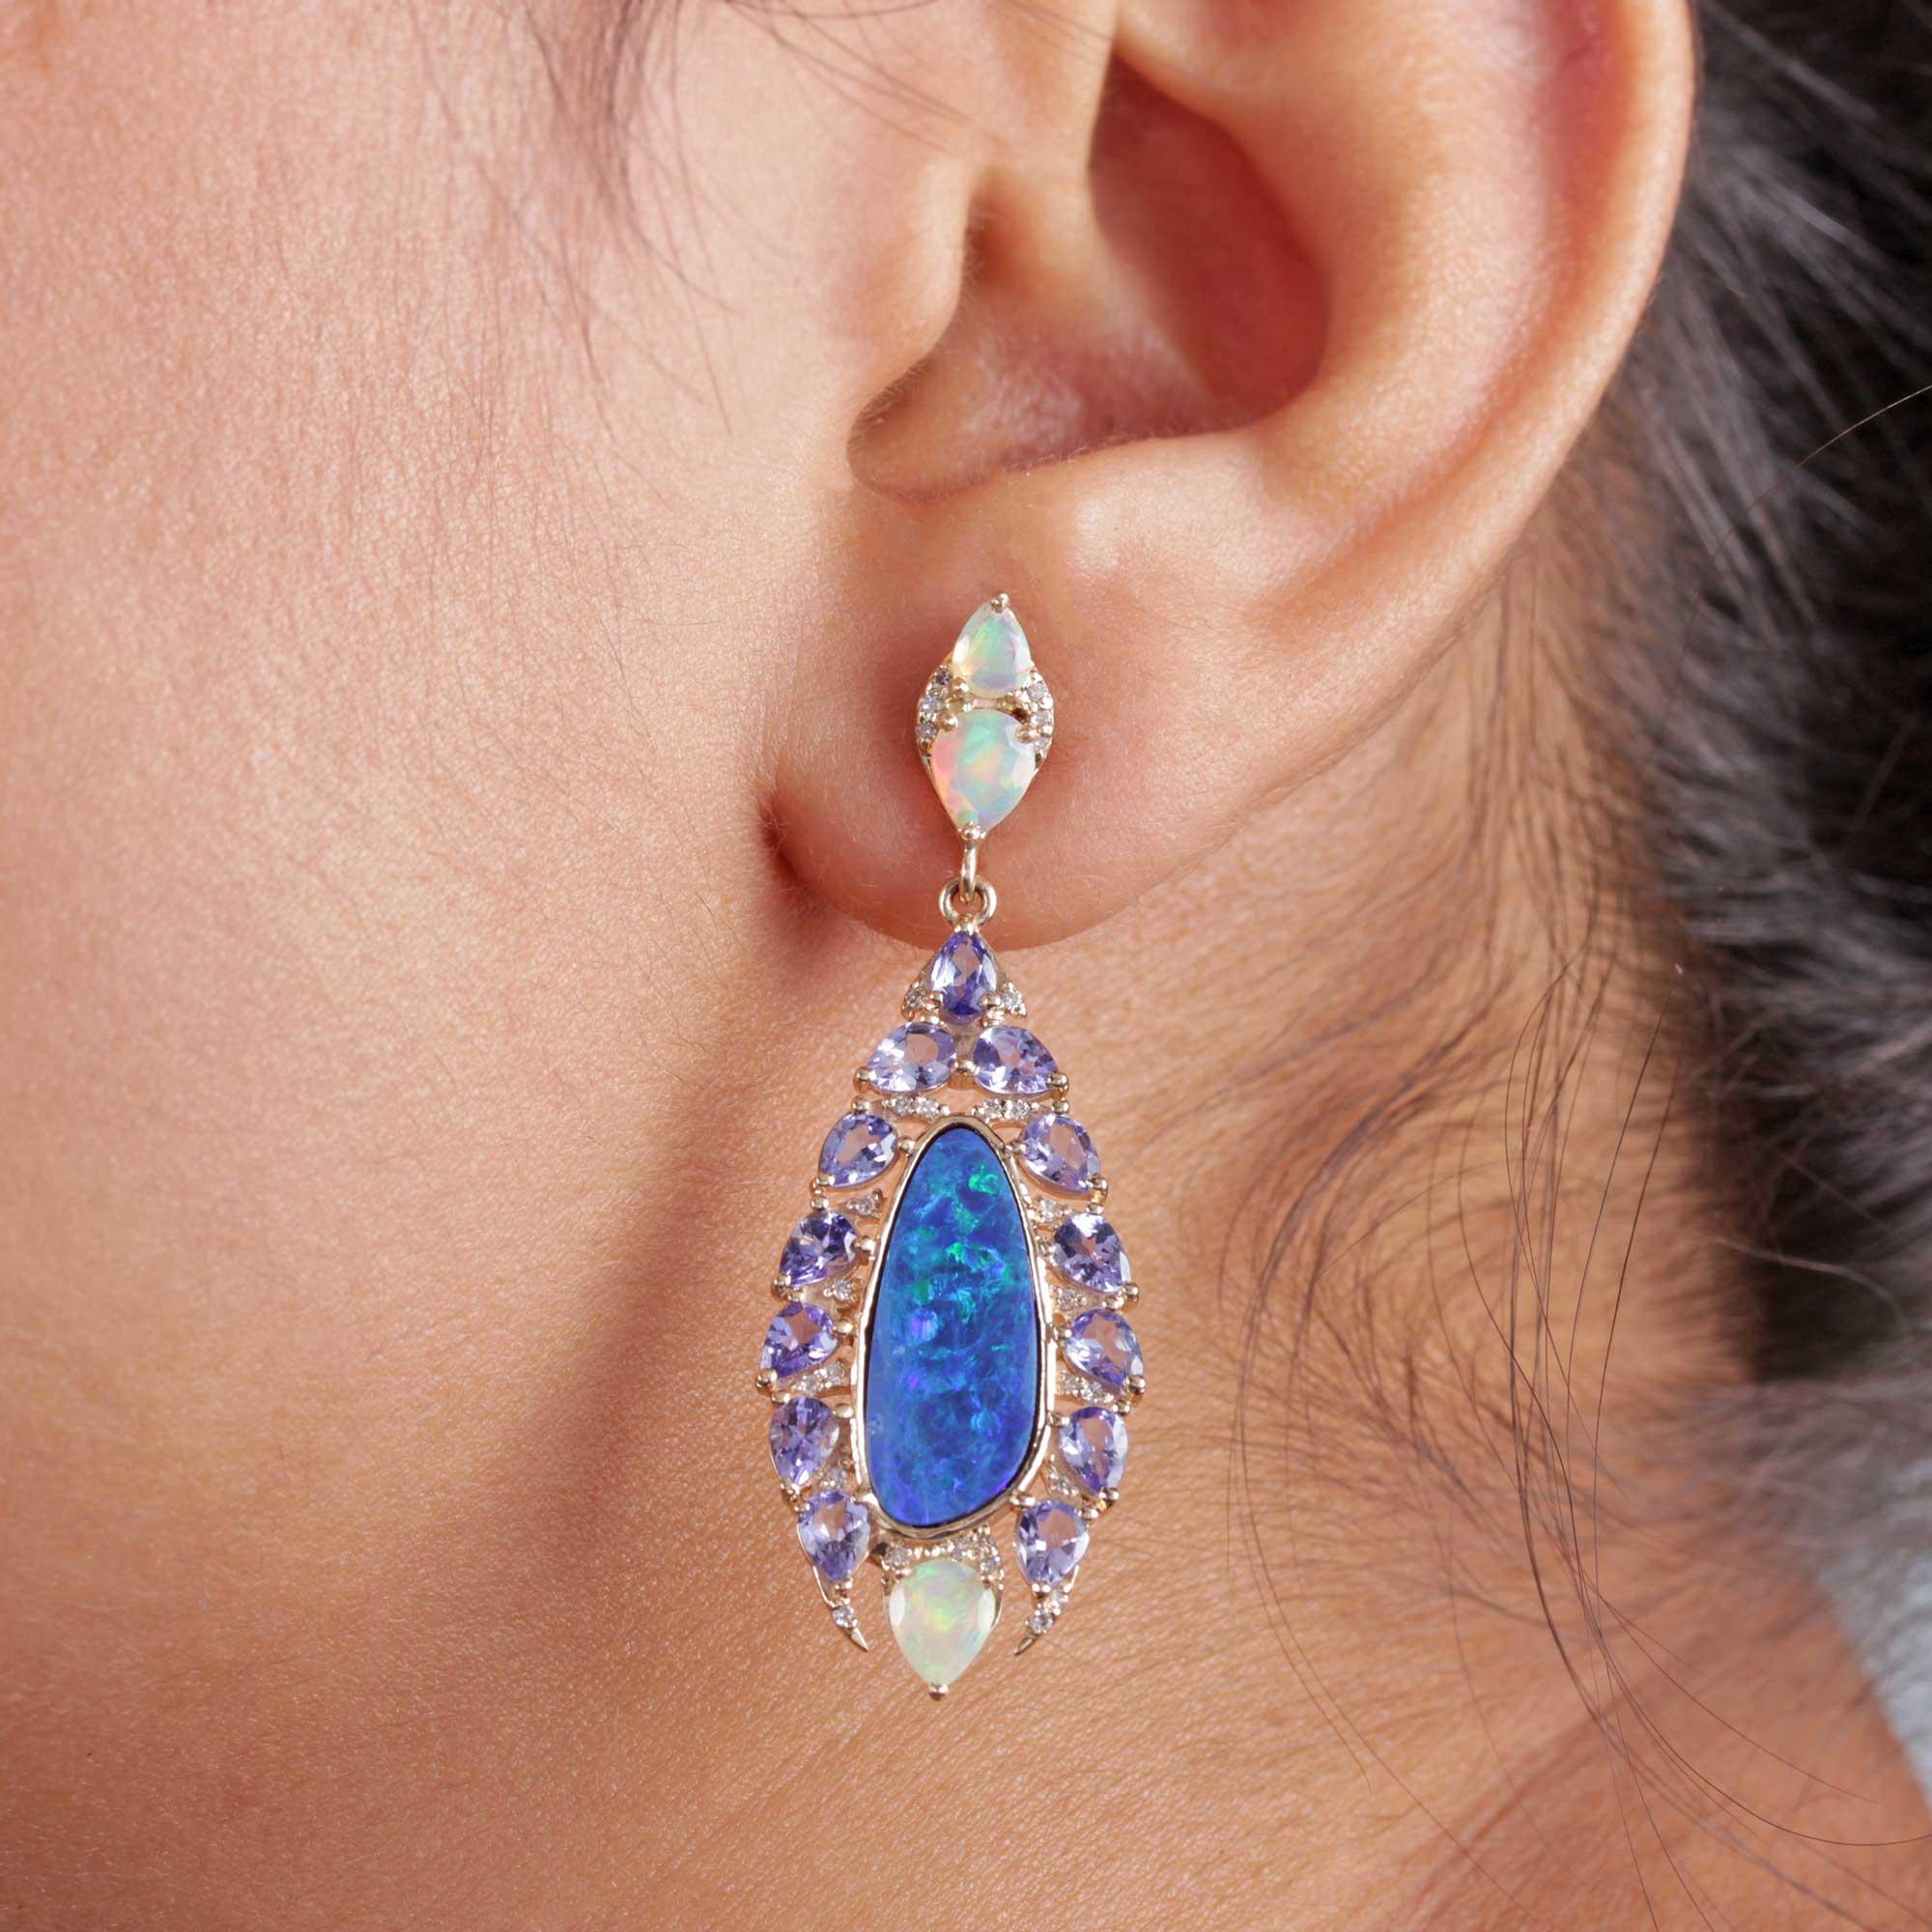 Pave Diamond Opal Tanzanite Dangle Earrings 14k Solid Gold Fine Jewelry